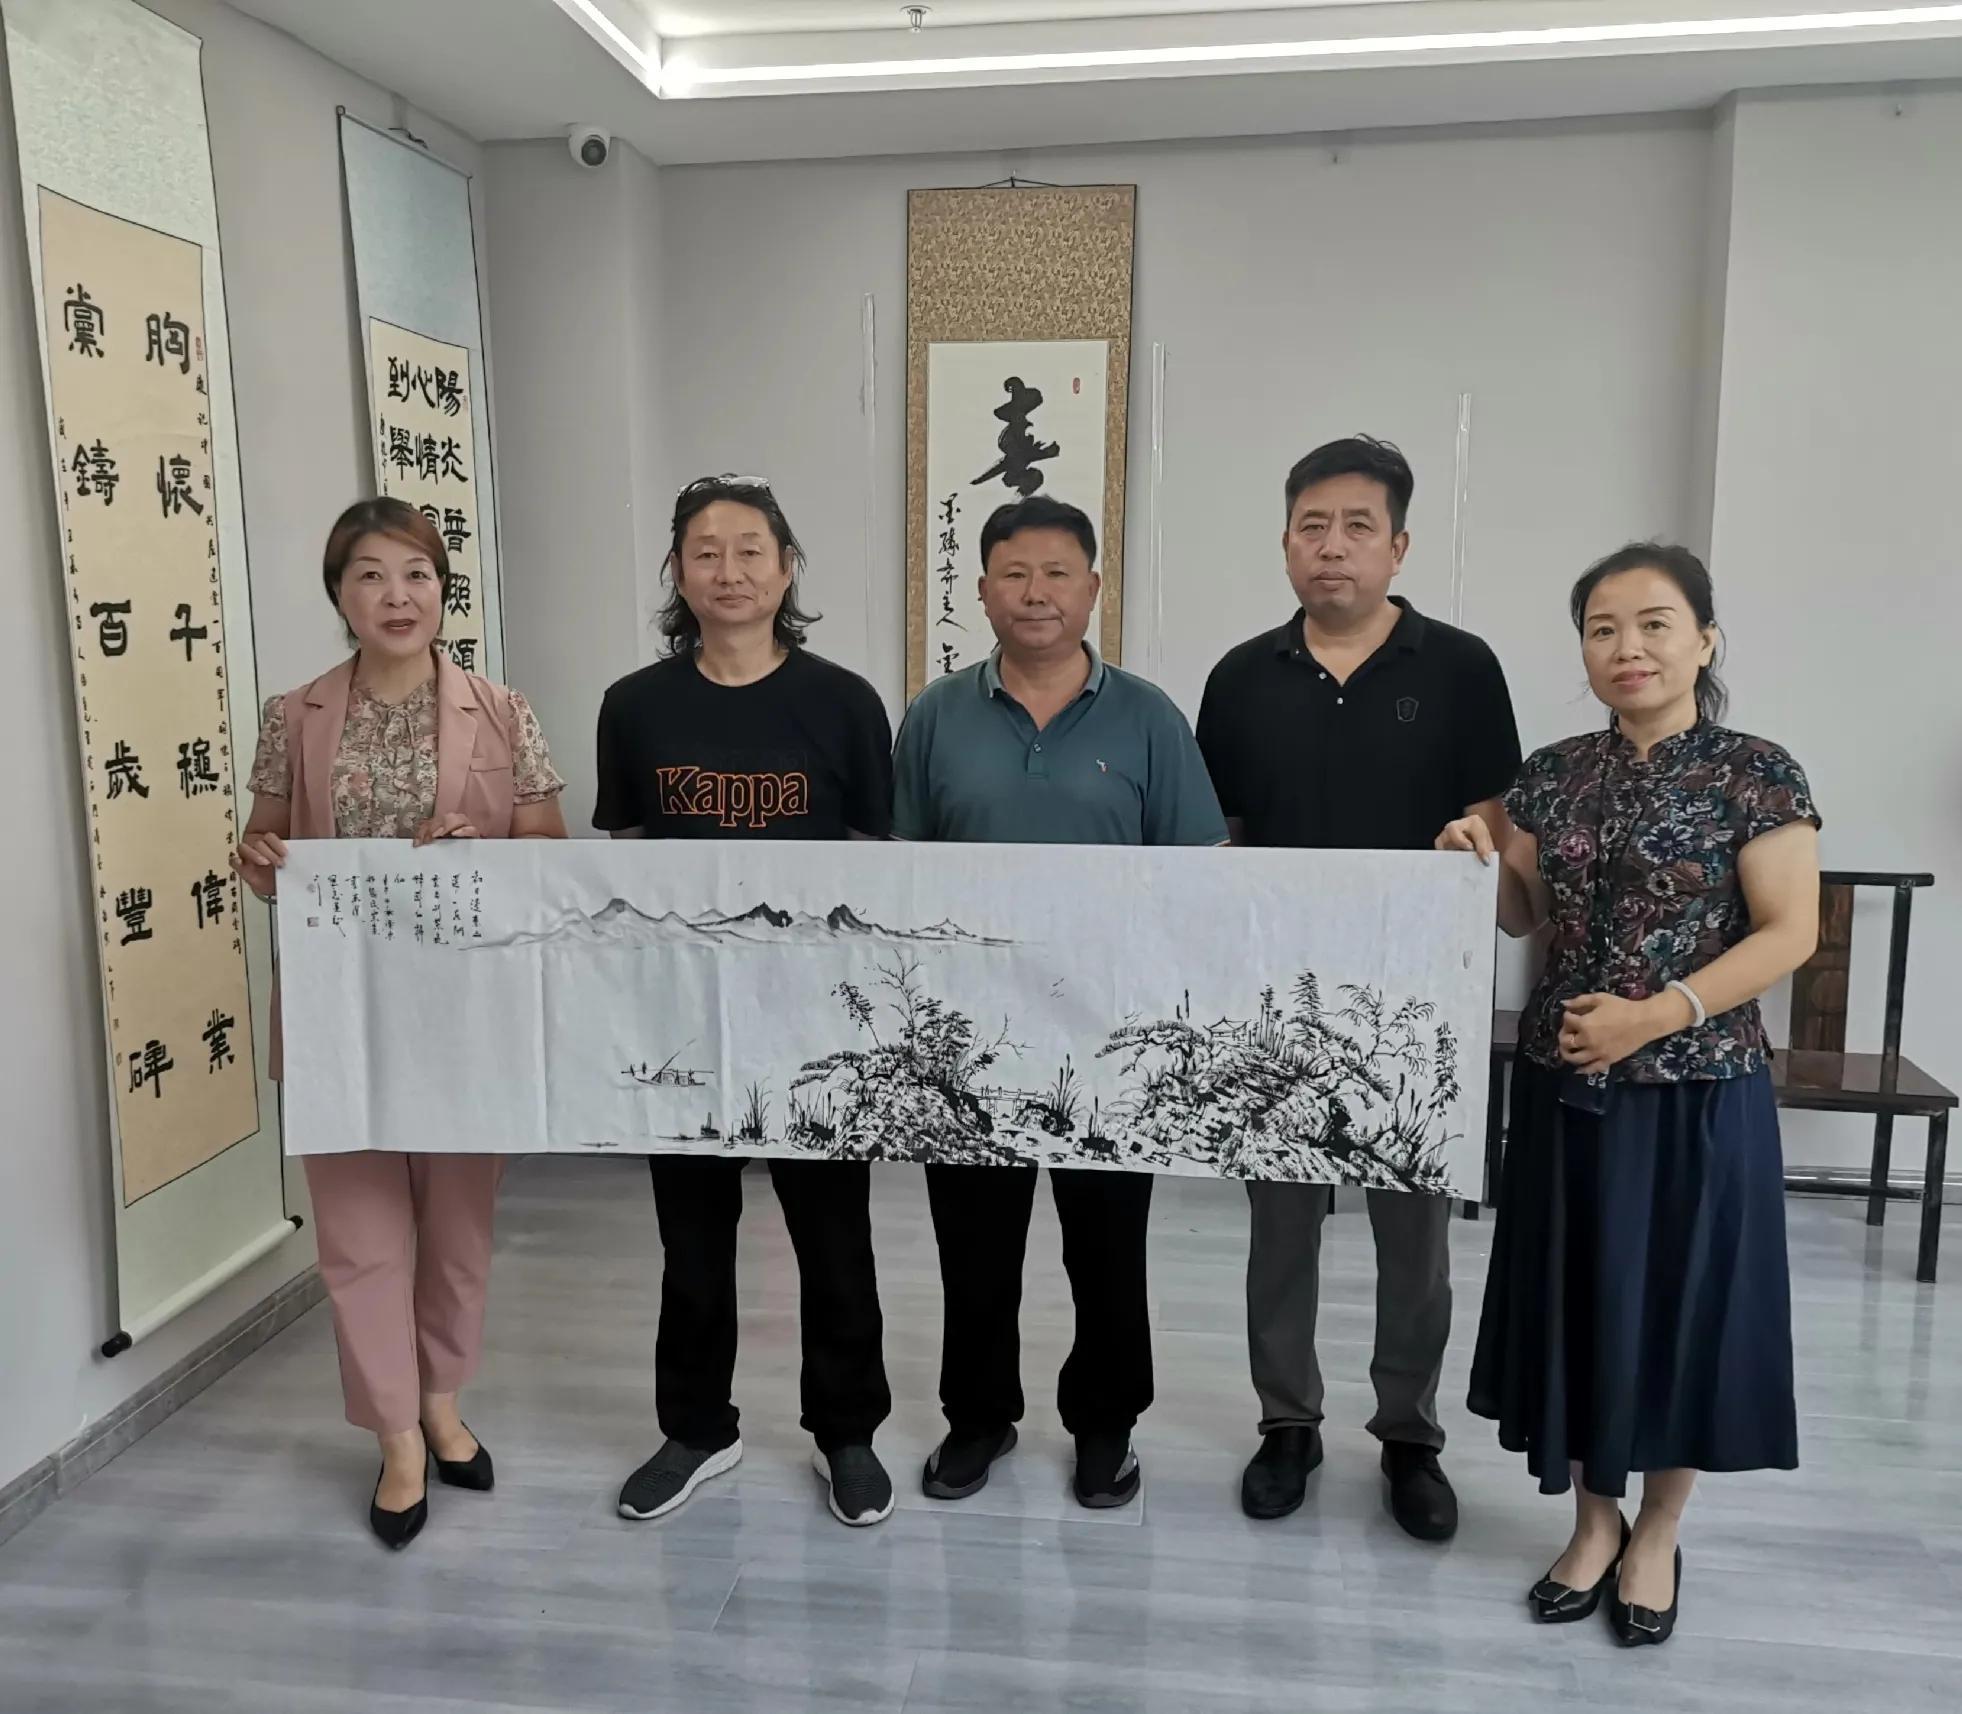 邯郸张氏宗亲书画院巜迊双节》金秋翰墨飘香书画活动